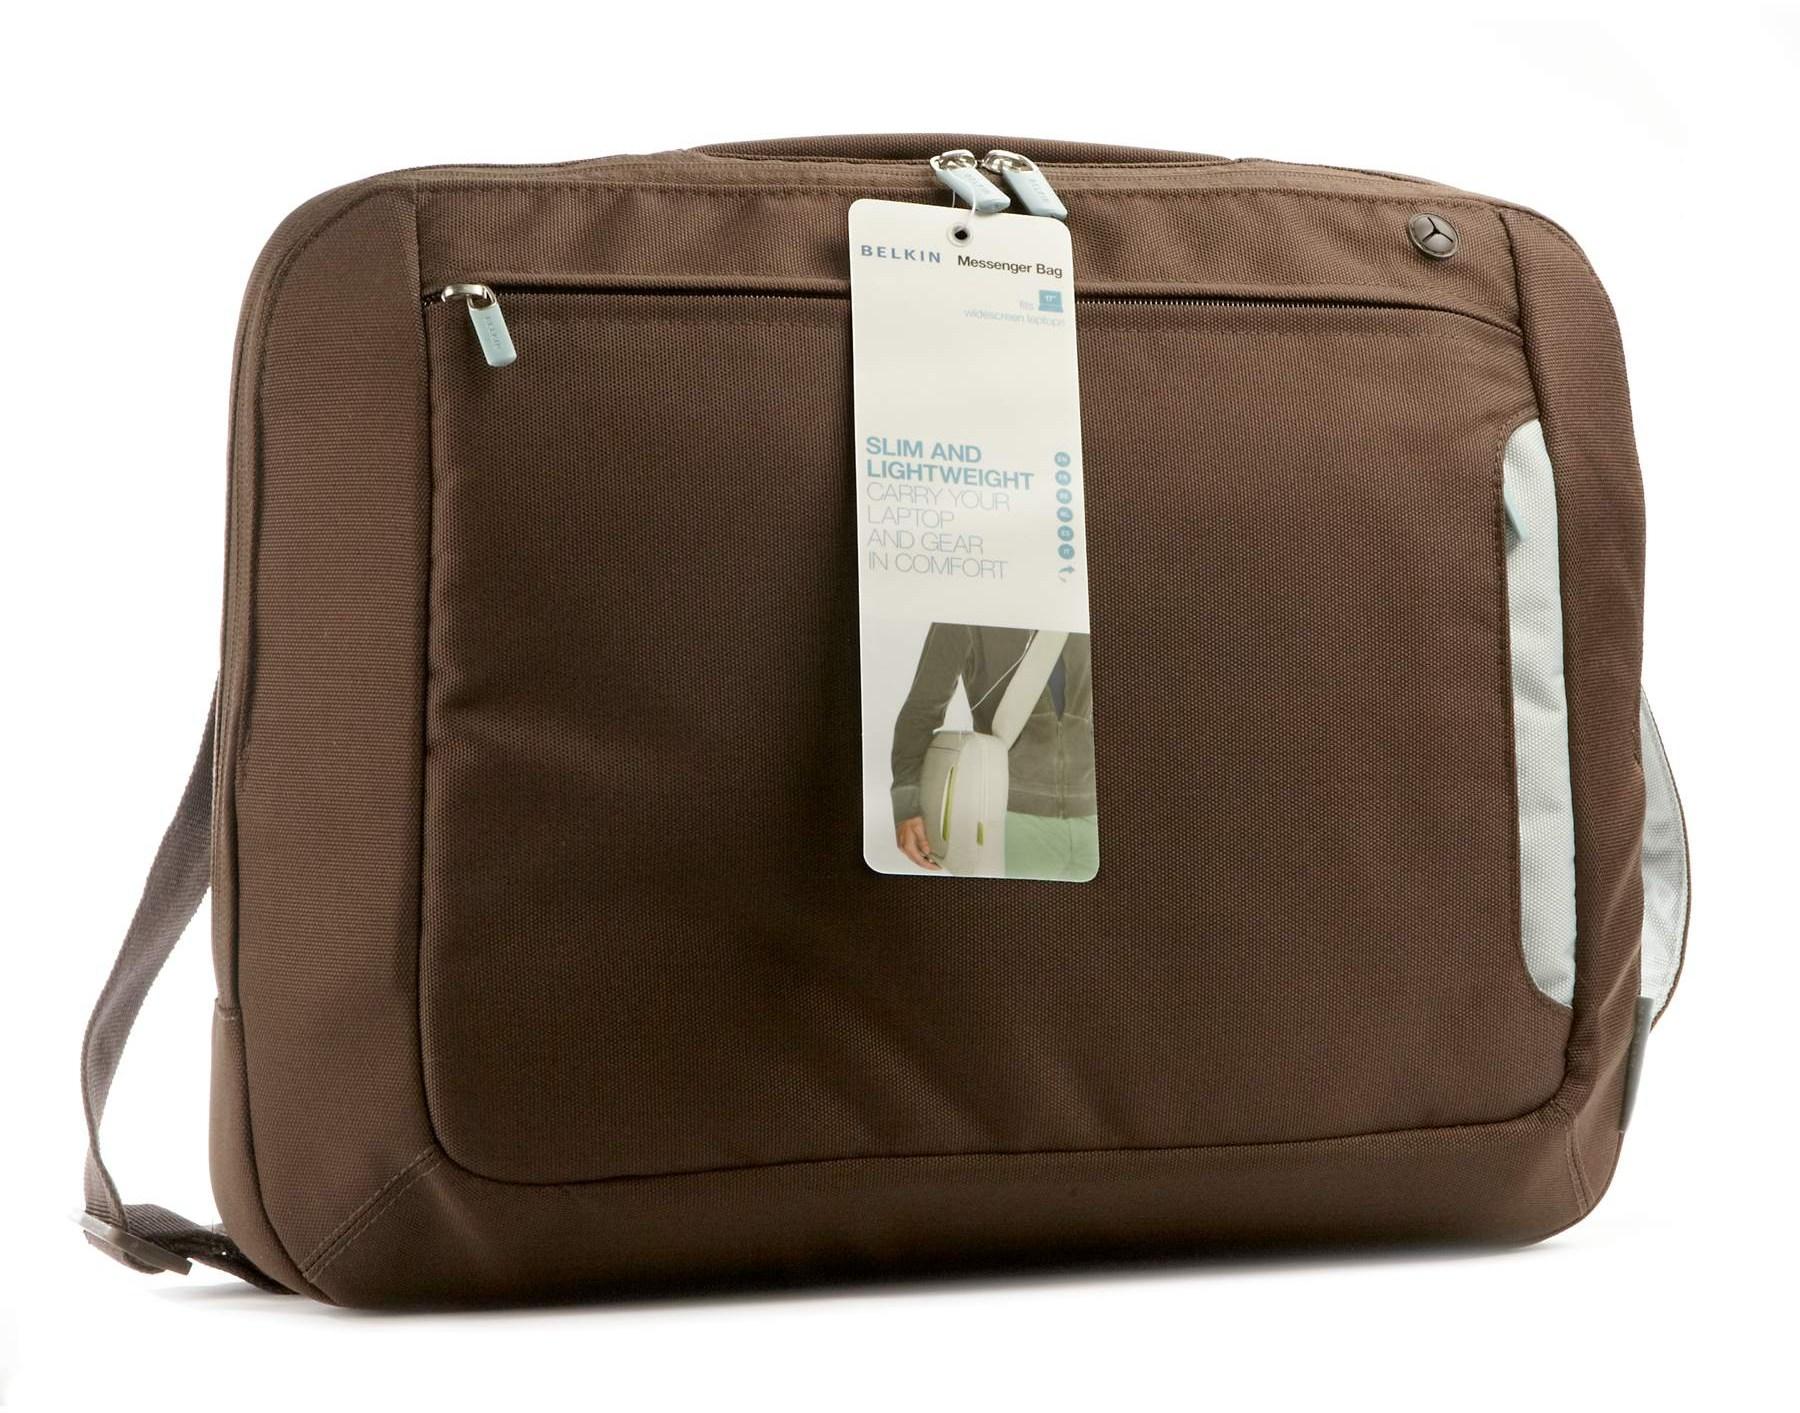 Völlig praktische Tasche